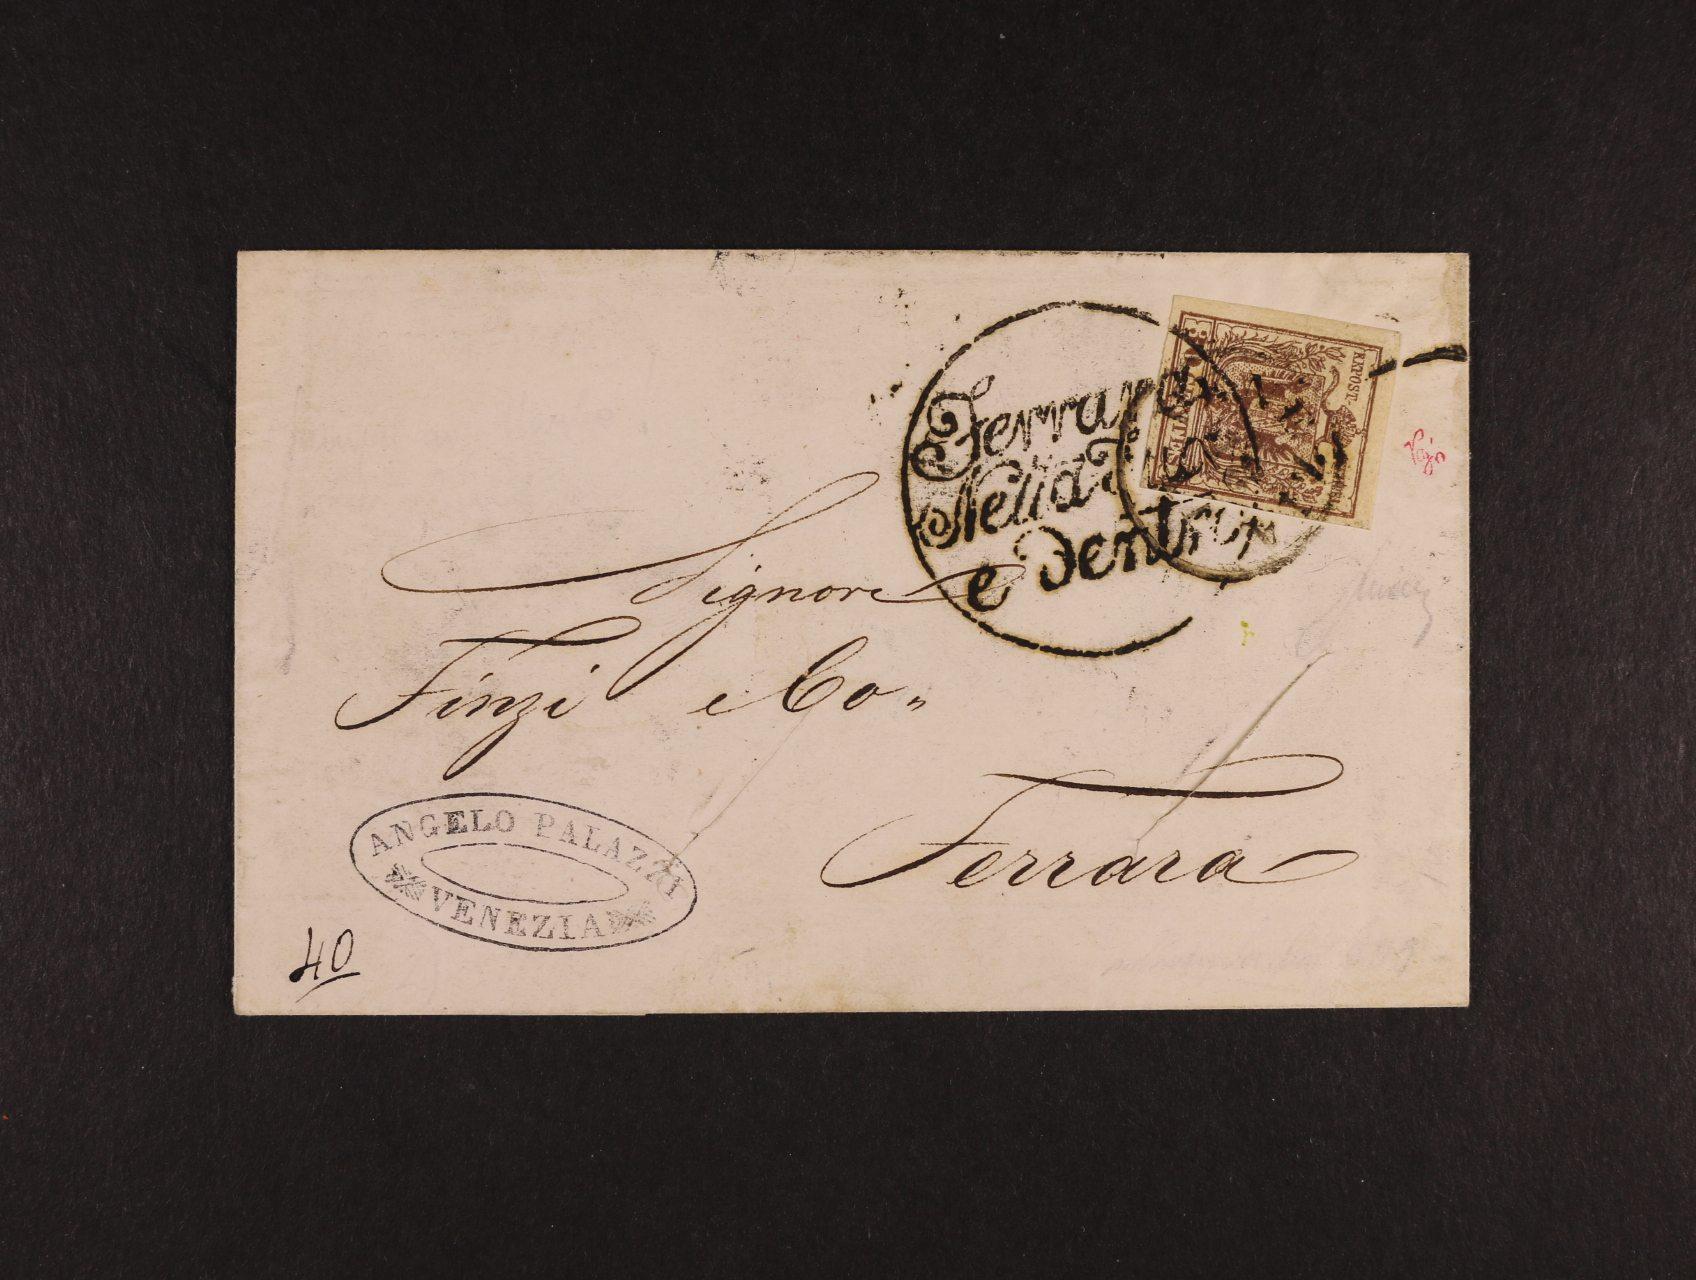 skl. cholerový firemní dopis do Ferrari, pod. raz. VENEZIA 18.11.1854, přídavné cholerové raz., dopis na dvou místech proříznut pro desinfekci